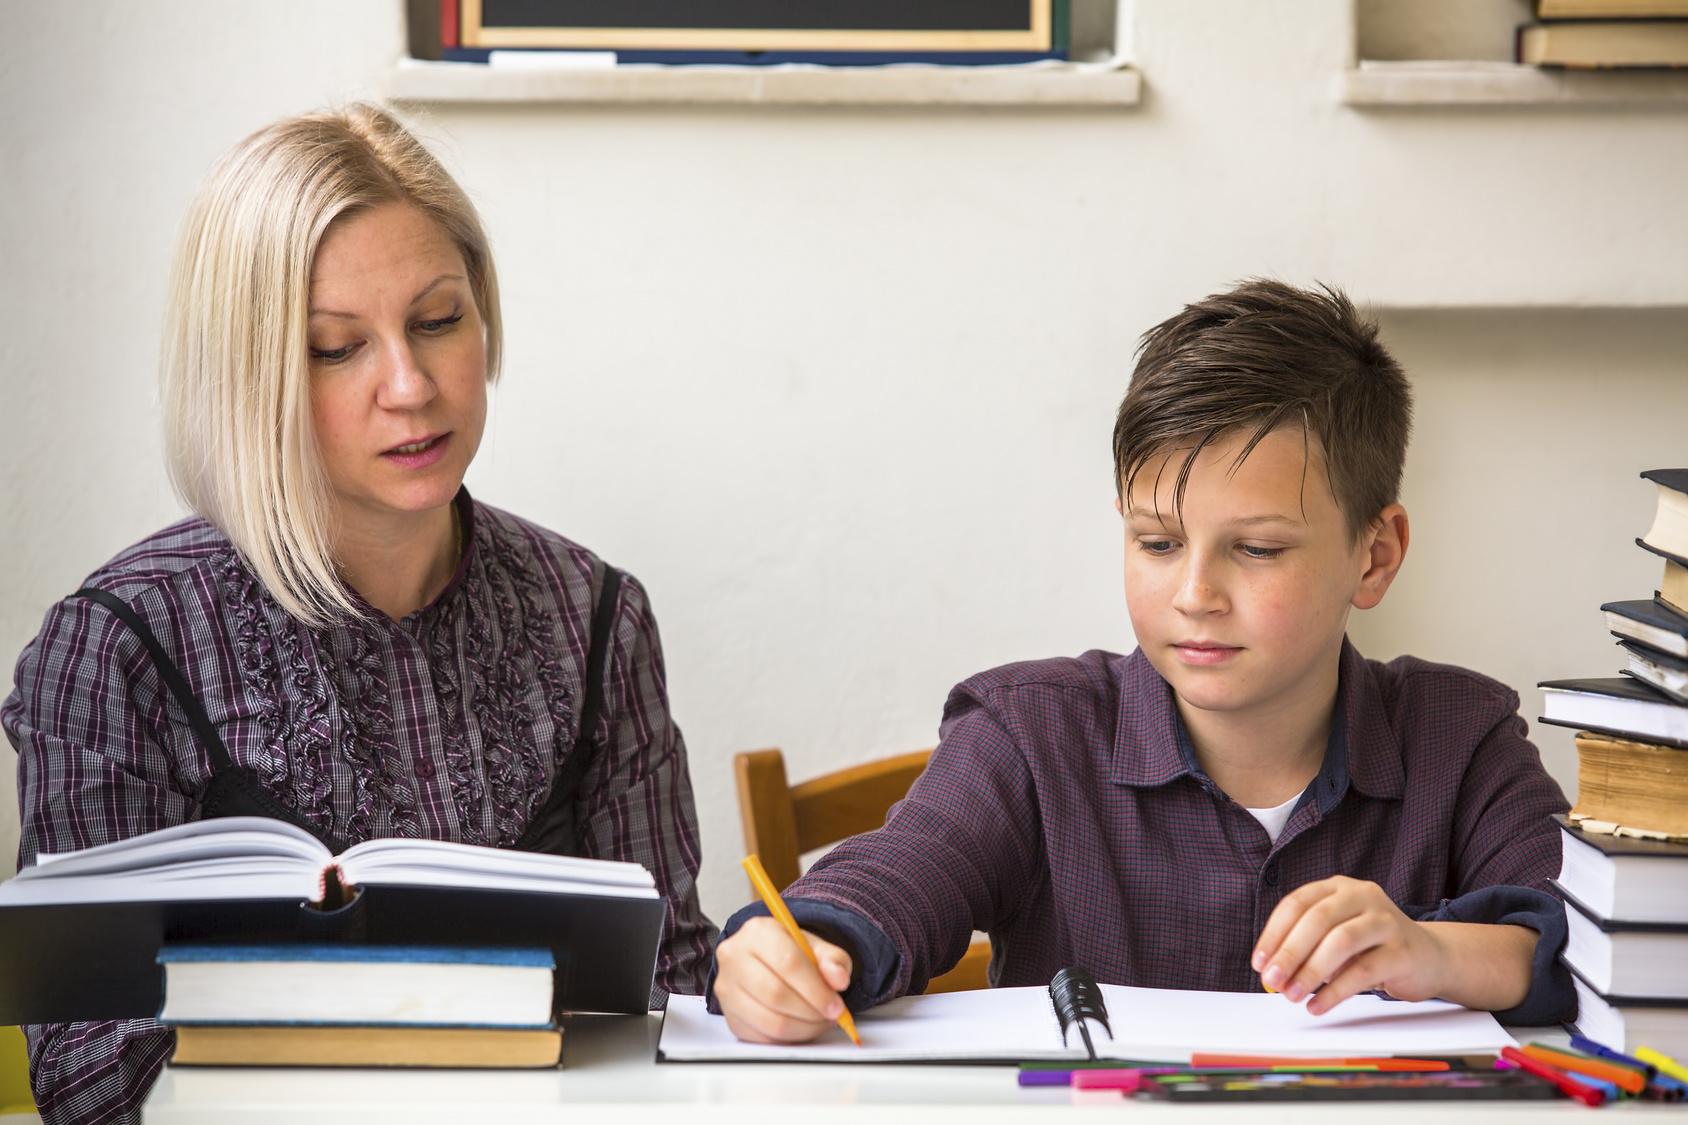 Zajęcia indywidualne dla dzieci i korepetycje